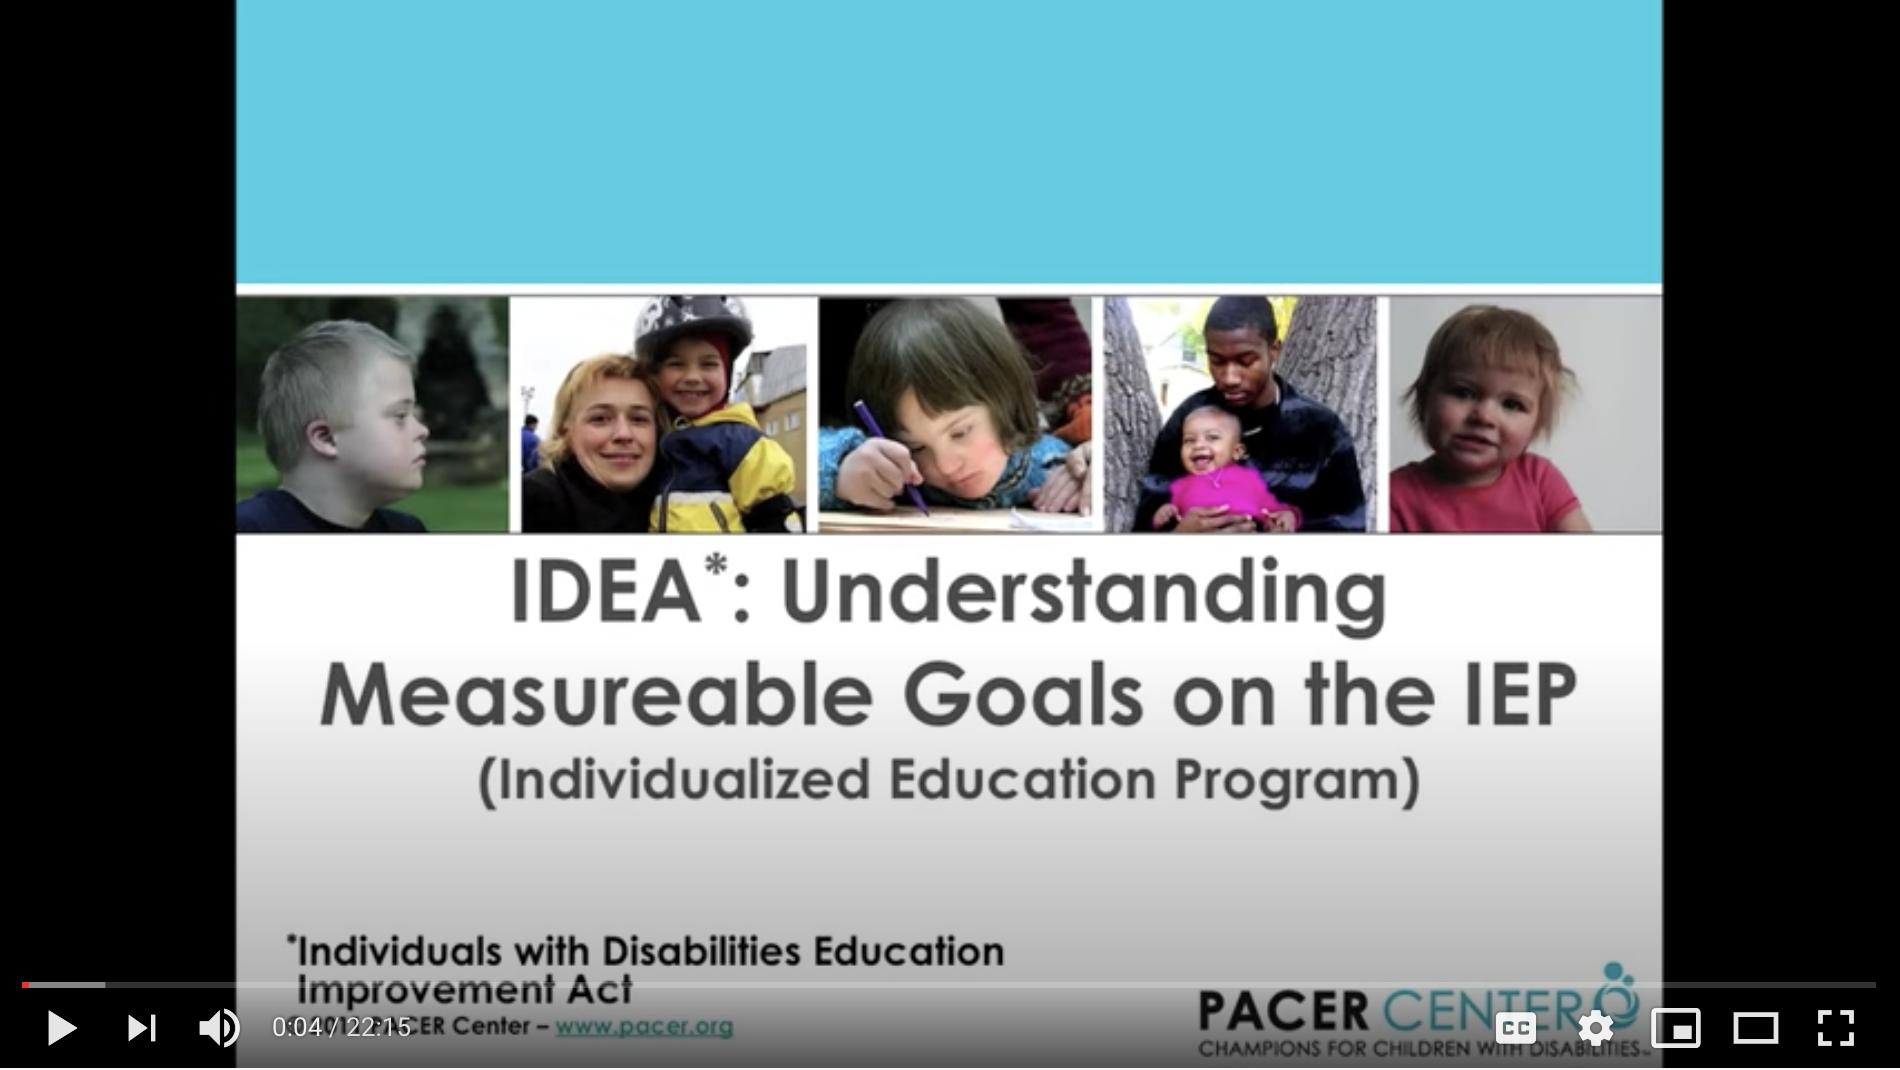 Screenshot of the video IDEA: Understanding Measurable Goals in the IEP.